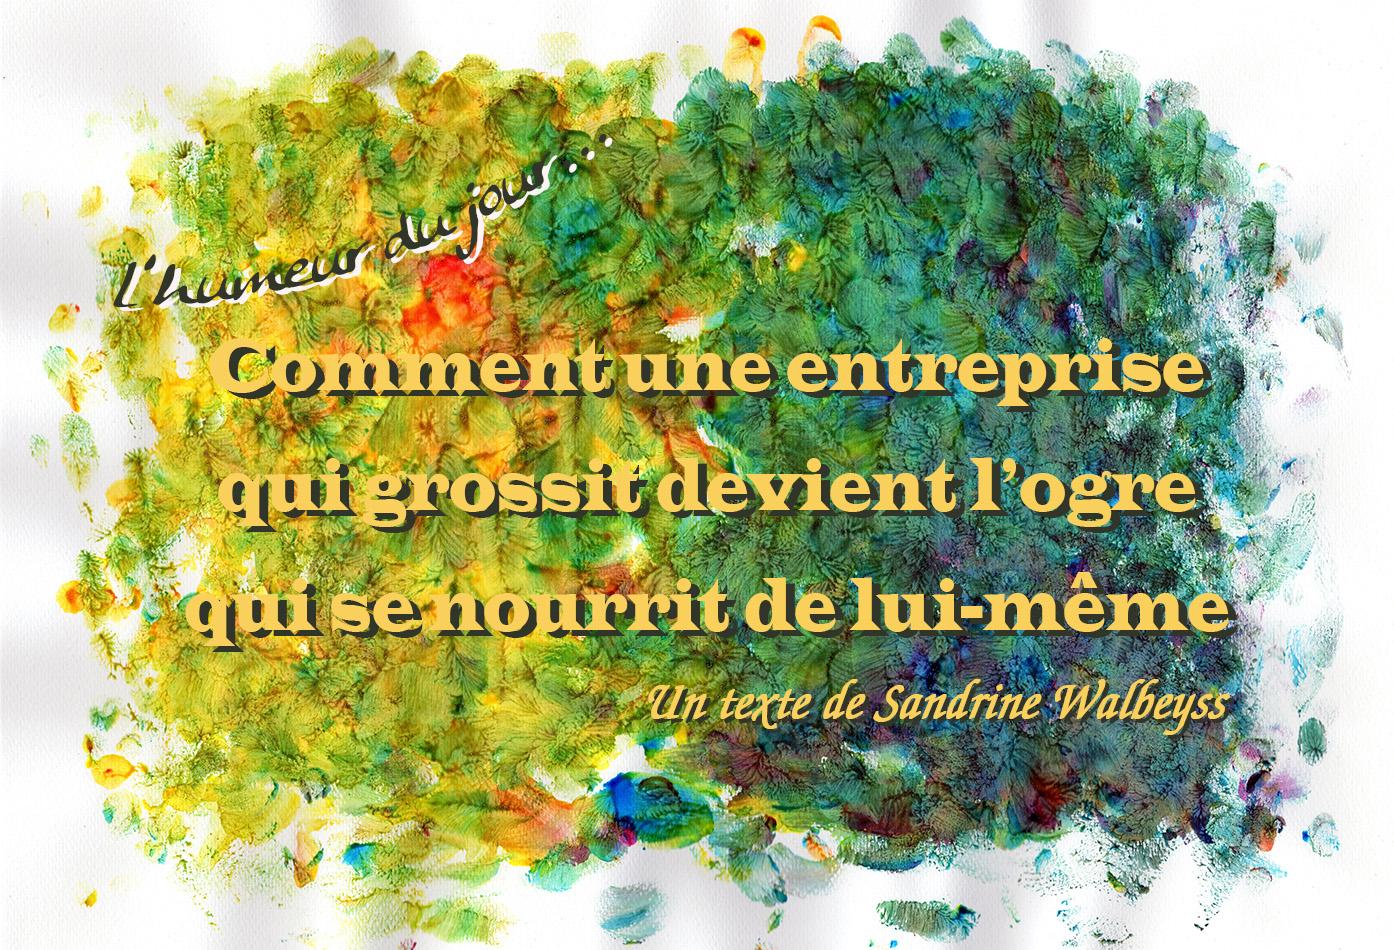 Comment une entreprise qui grossit devient l'ogre qui se nourrit de lui-même, un texte de Sandrine WALBEYSS